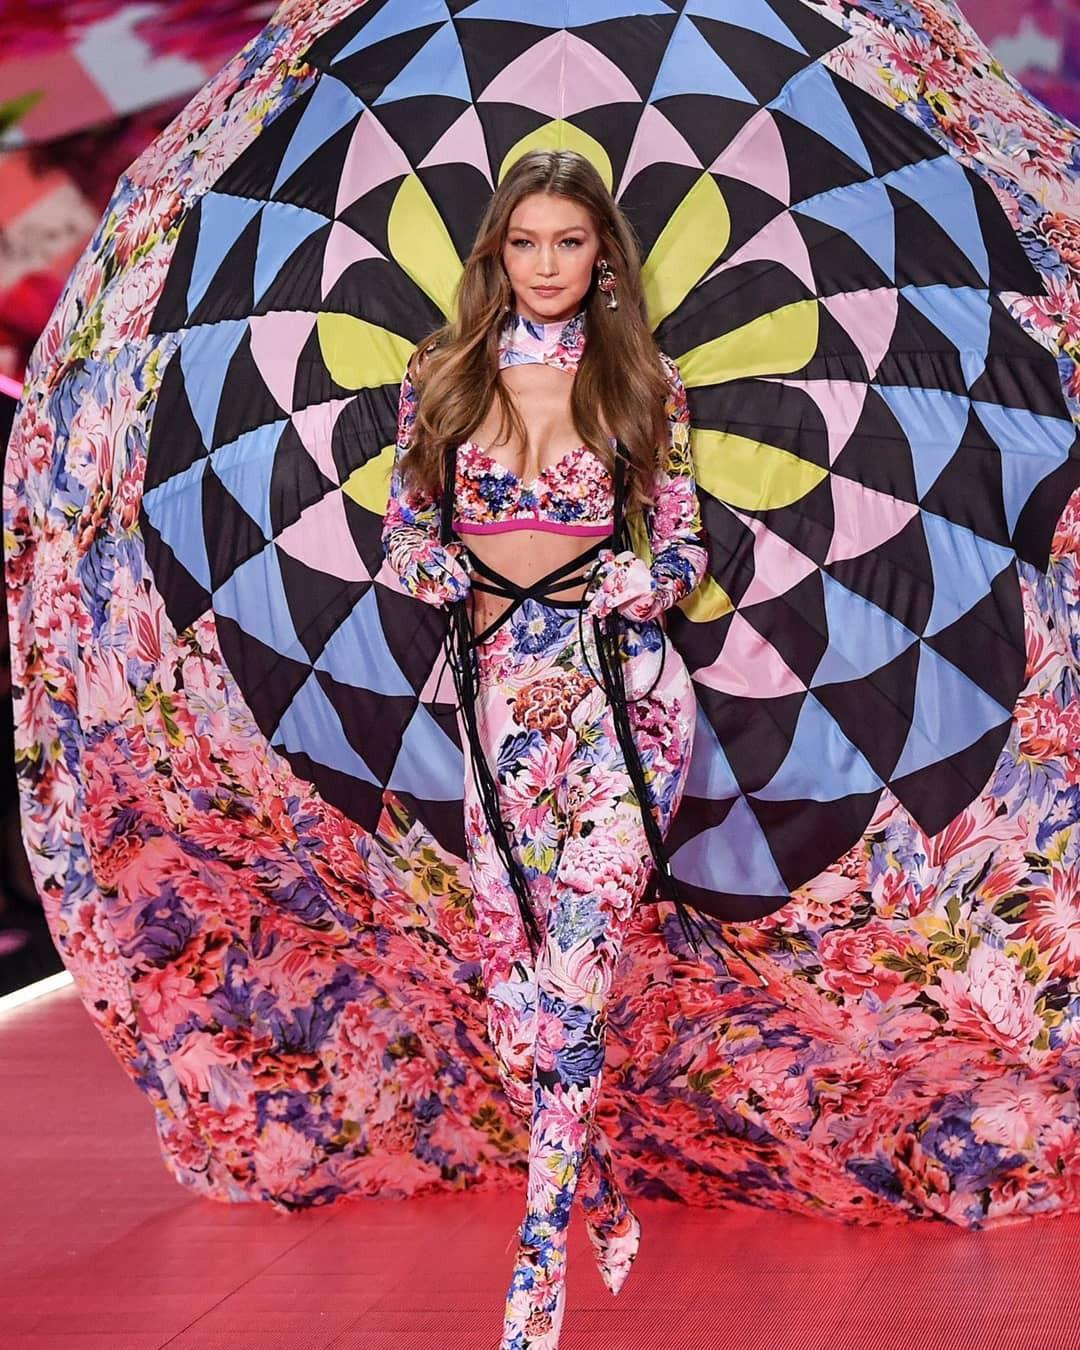 Gigi Hadid diễn nội y mà dân tình tưởng như cô nàng đang vác khinh khí cầu lên sàn diễn của Victorias Secret - Ảnh 5.